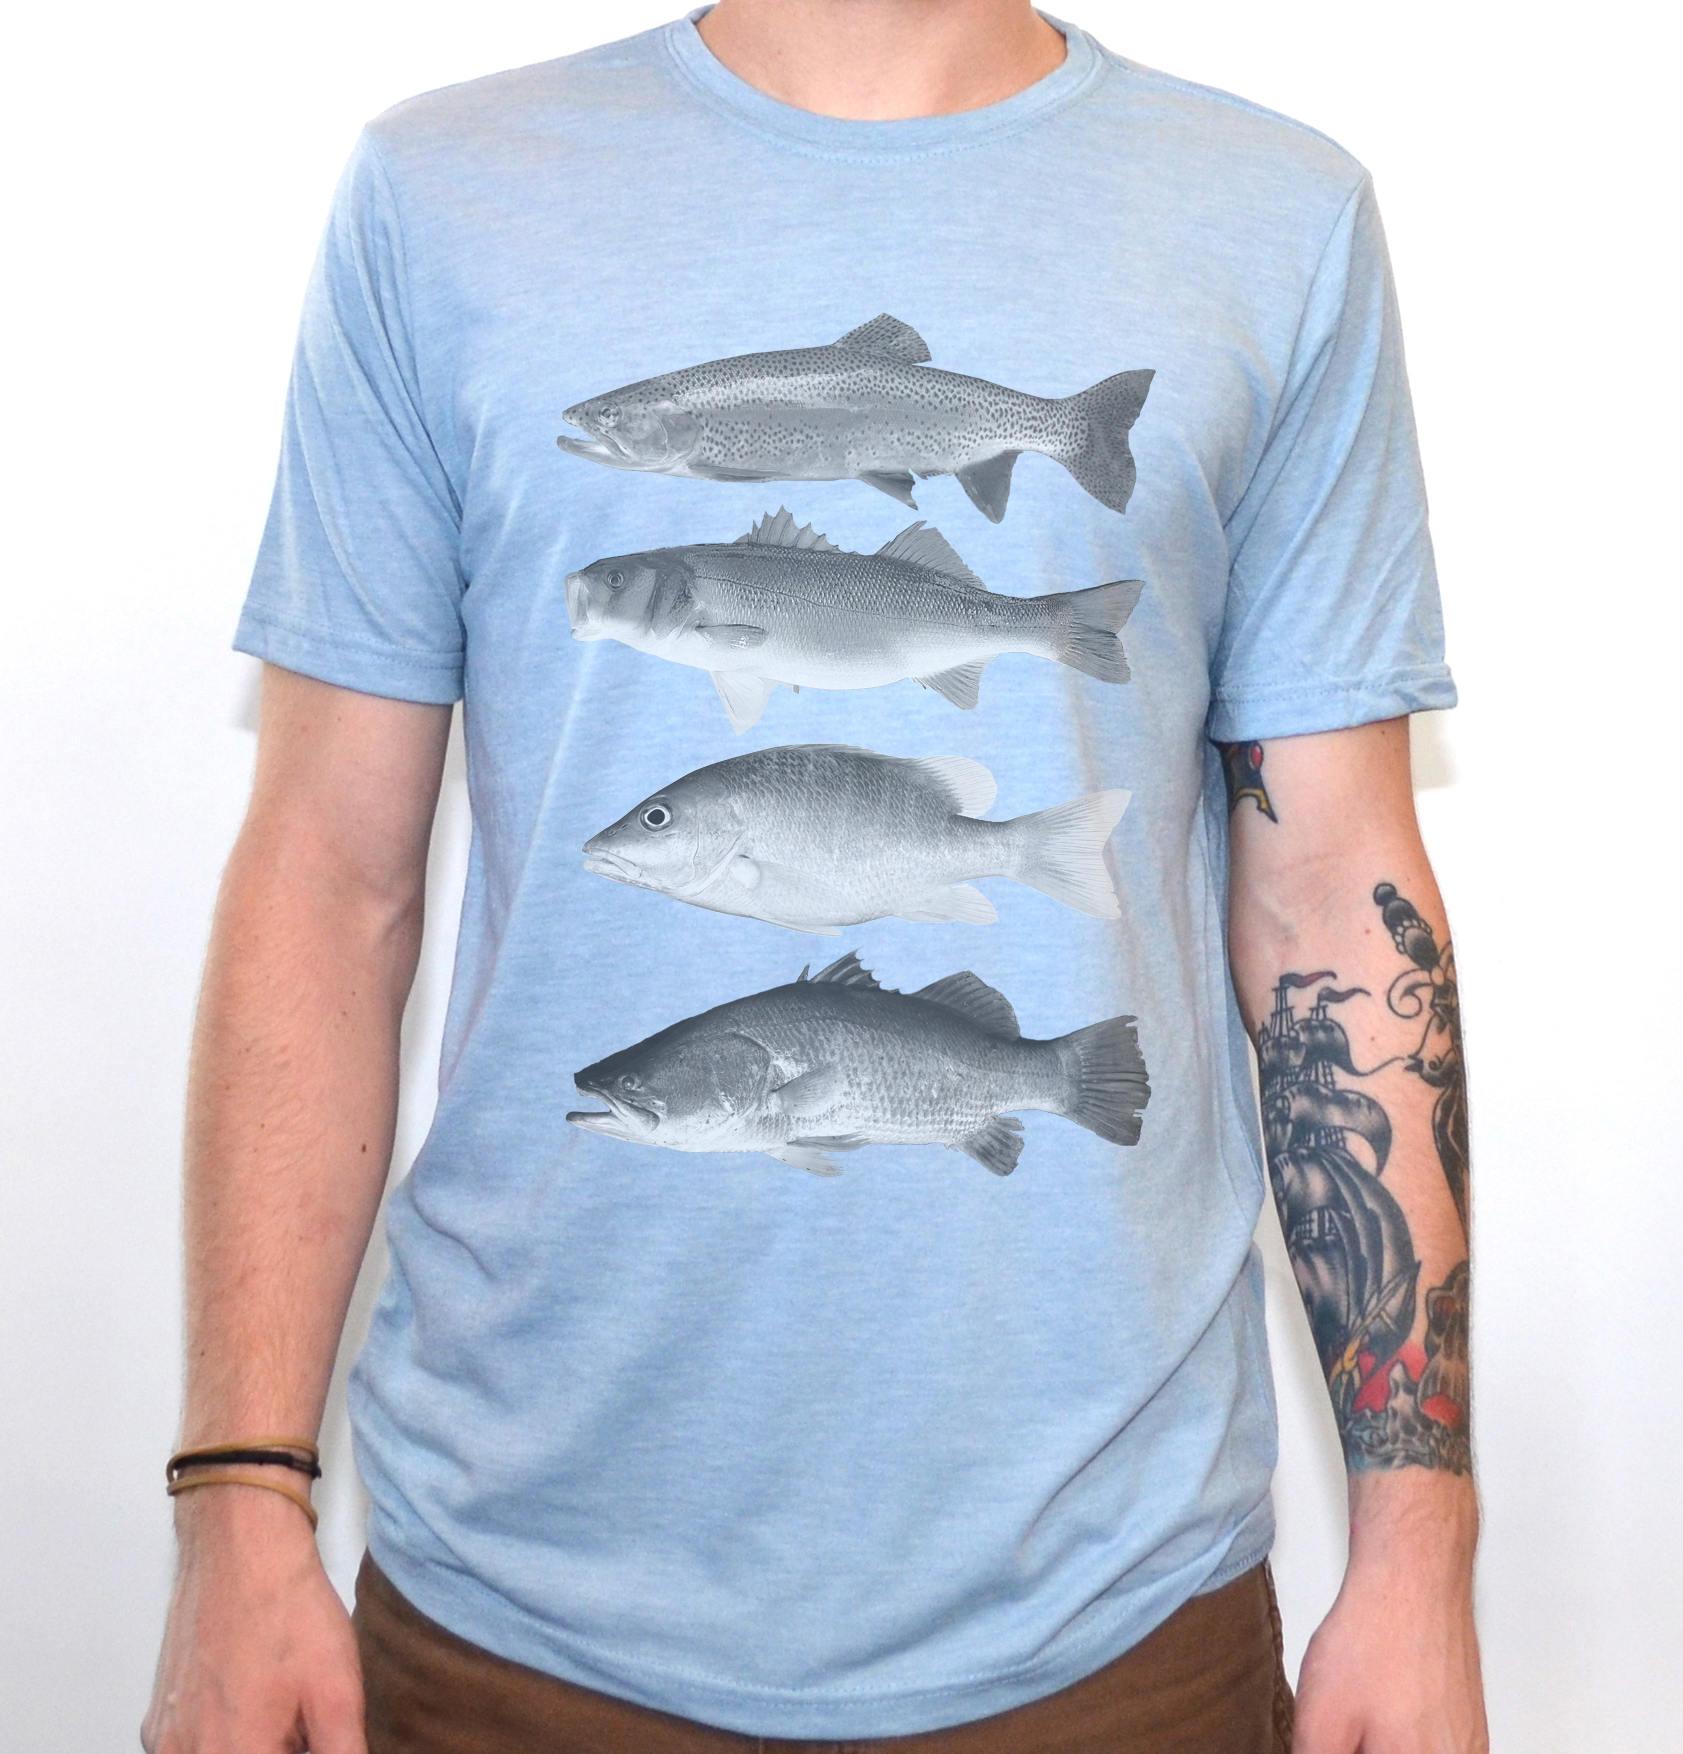 Angeln-Shirt Fisch-t-Shirt Herren-Grafik-T-Shirts | Etsy